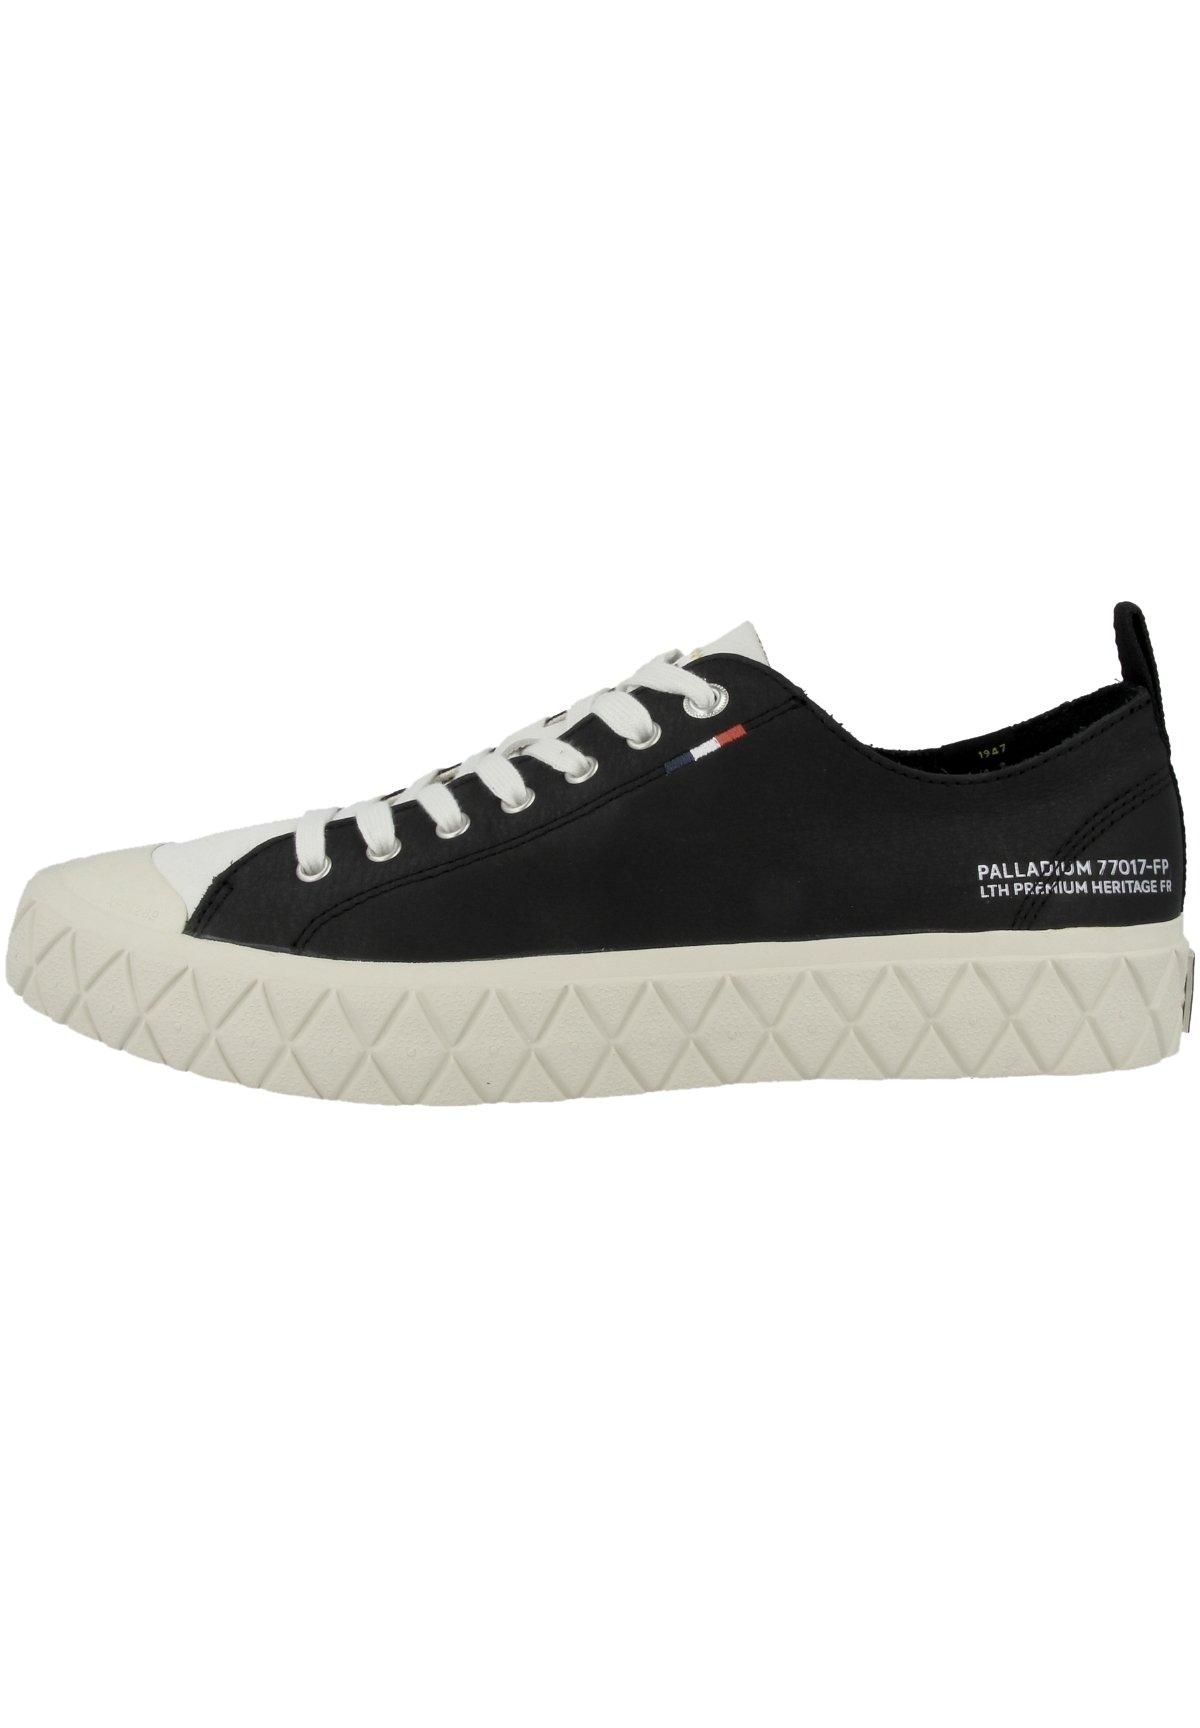 Damen Sneaker low - black/white